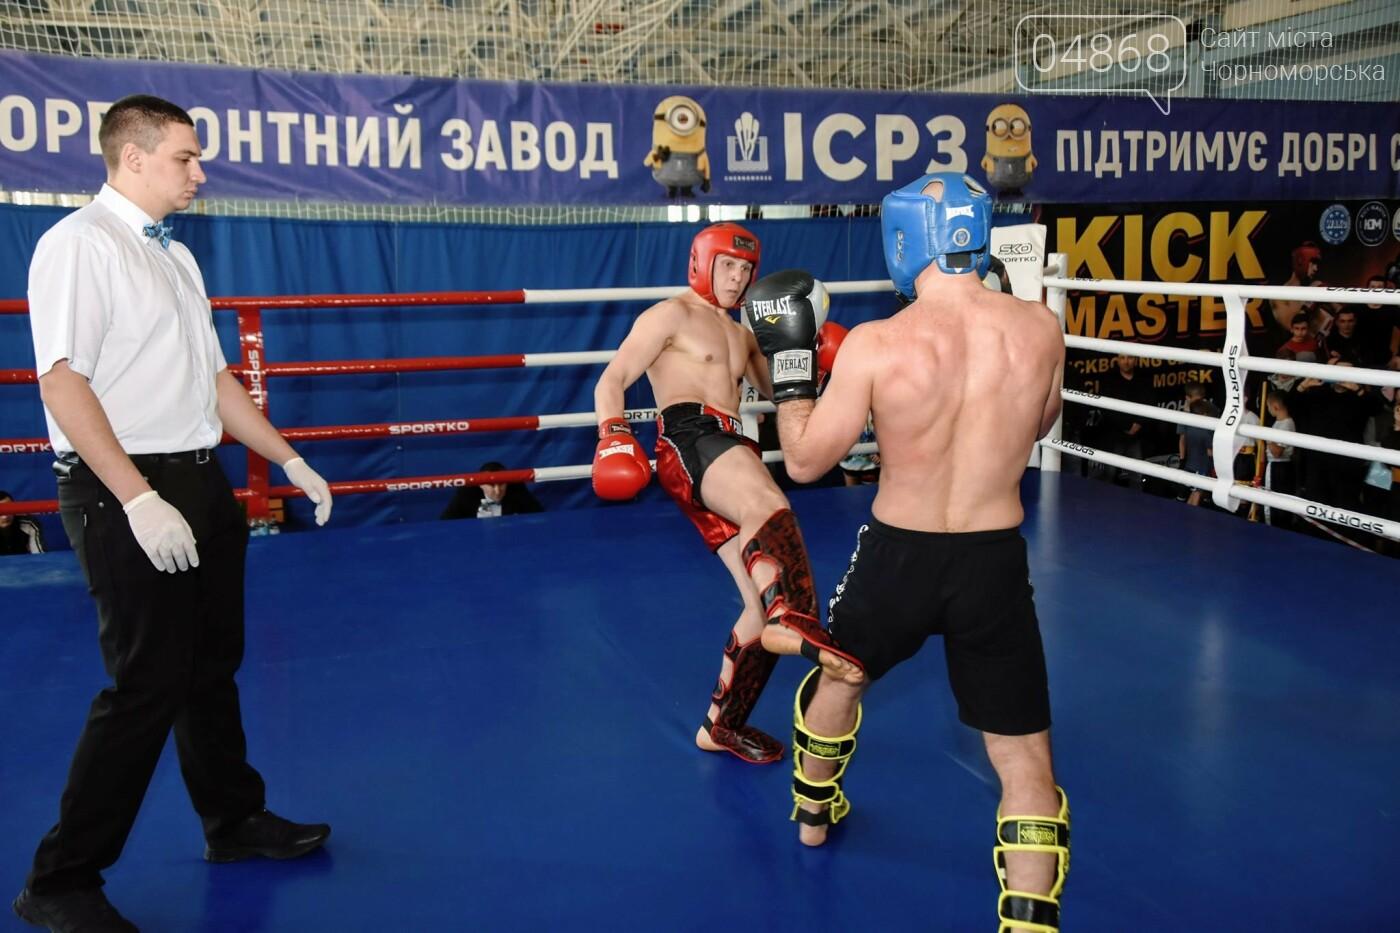 За золотом: в Черноморске прошёл турнир по кикбоксингу (видео), фото-10